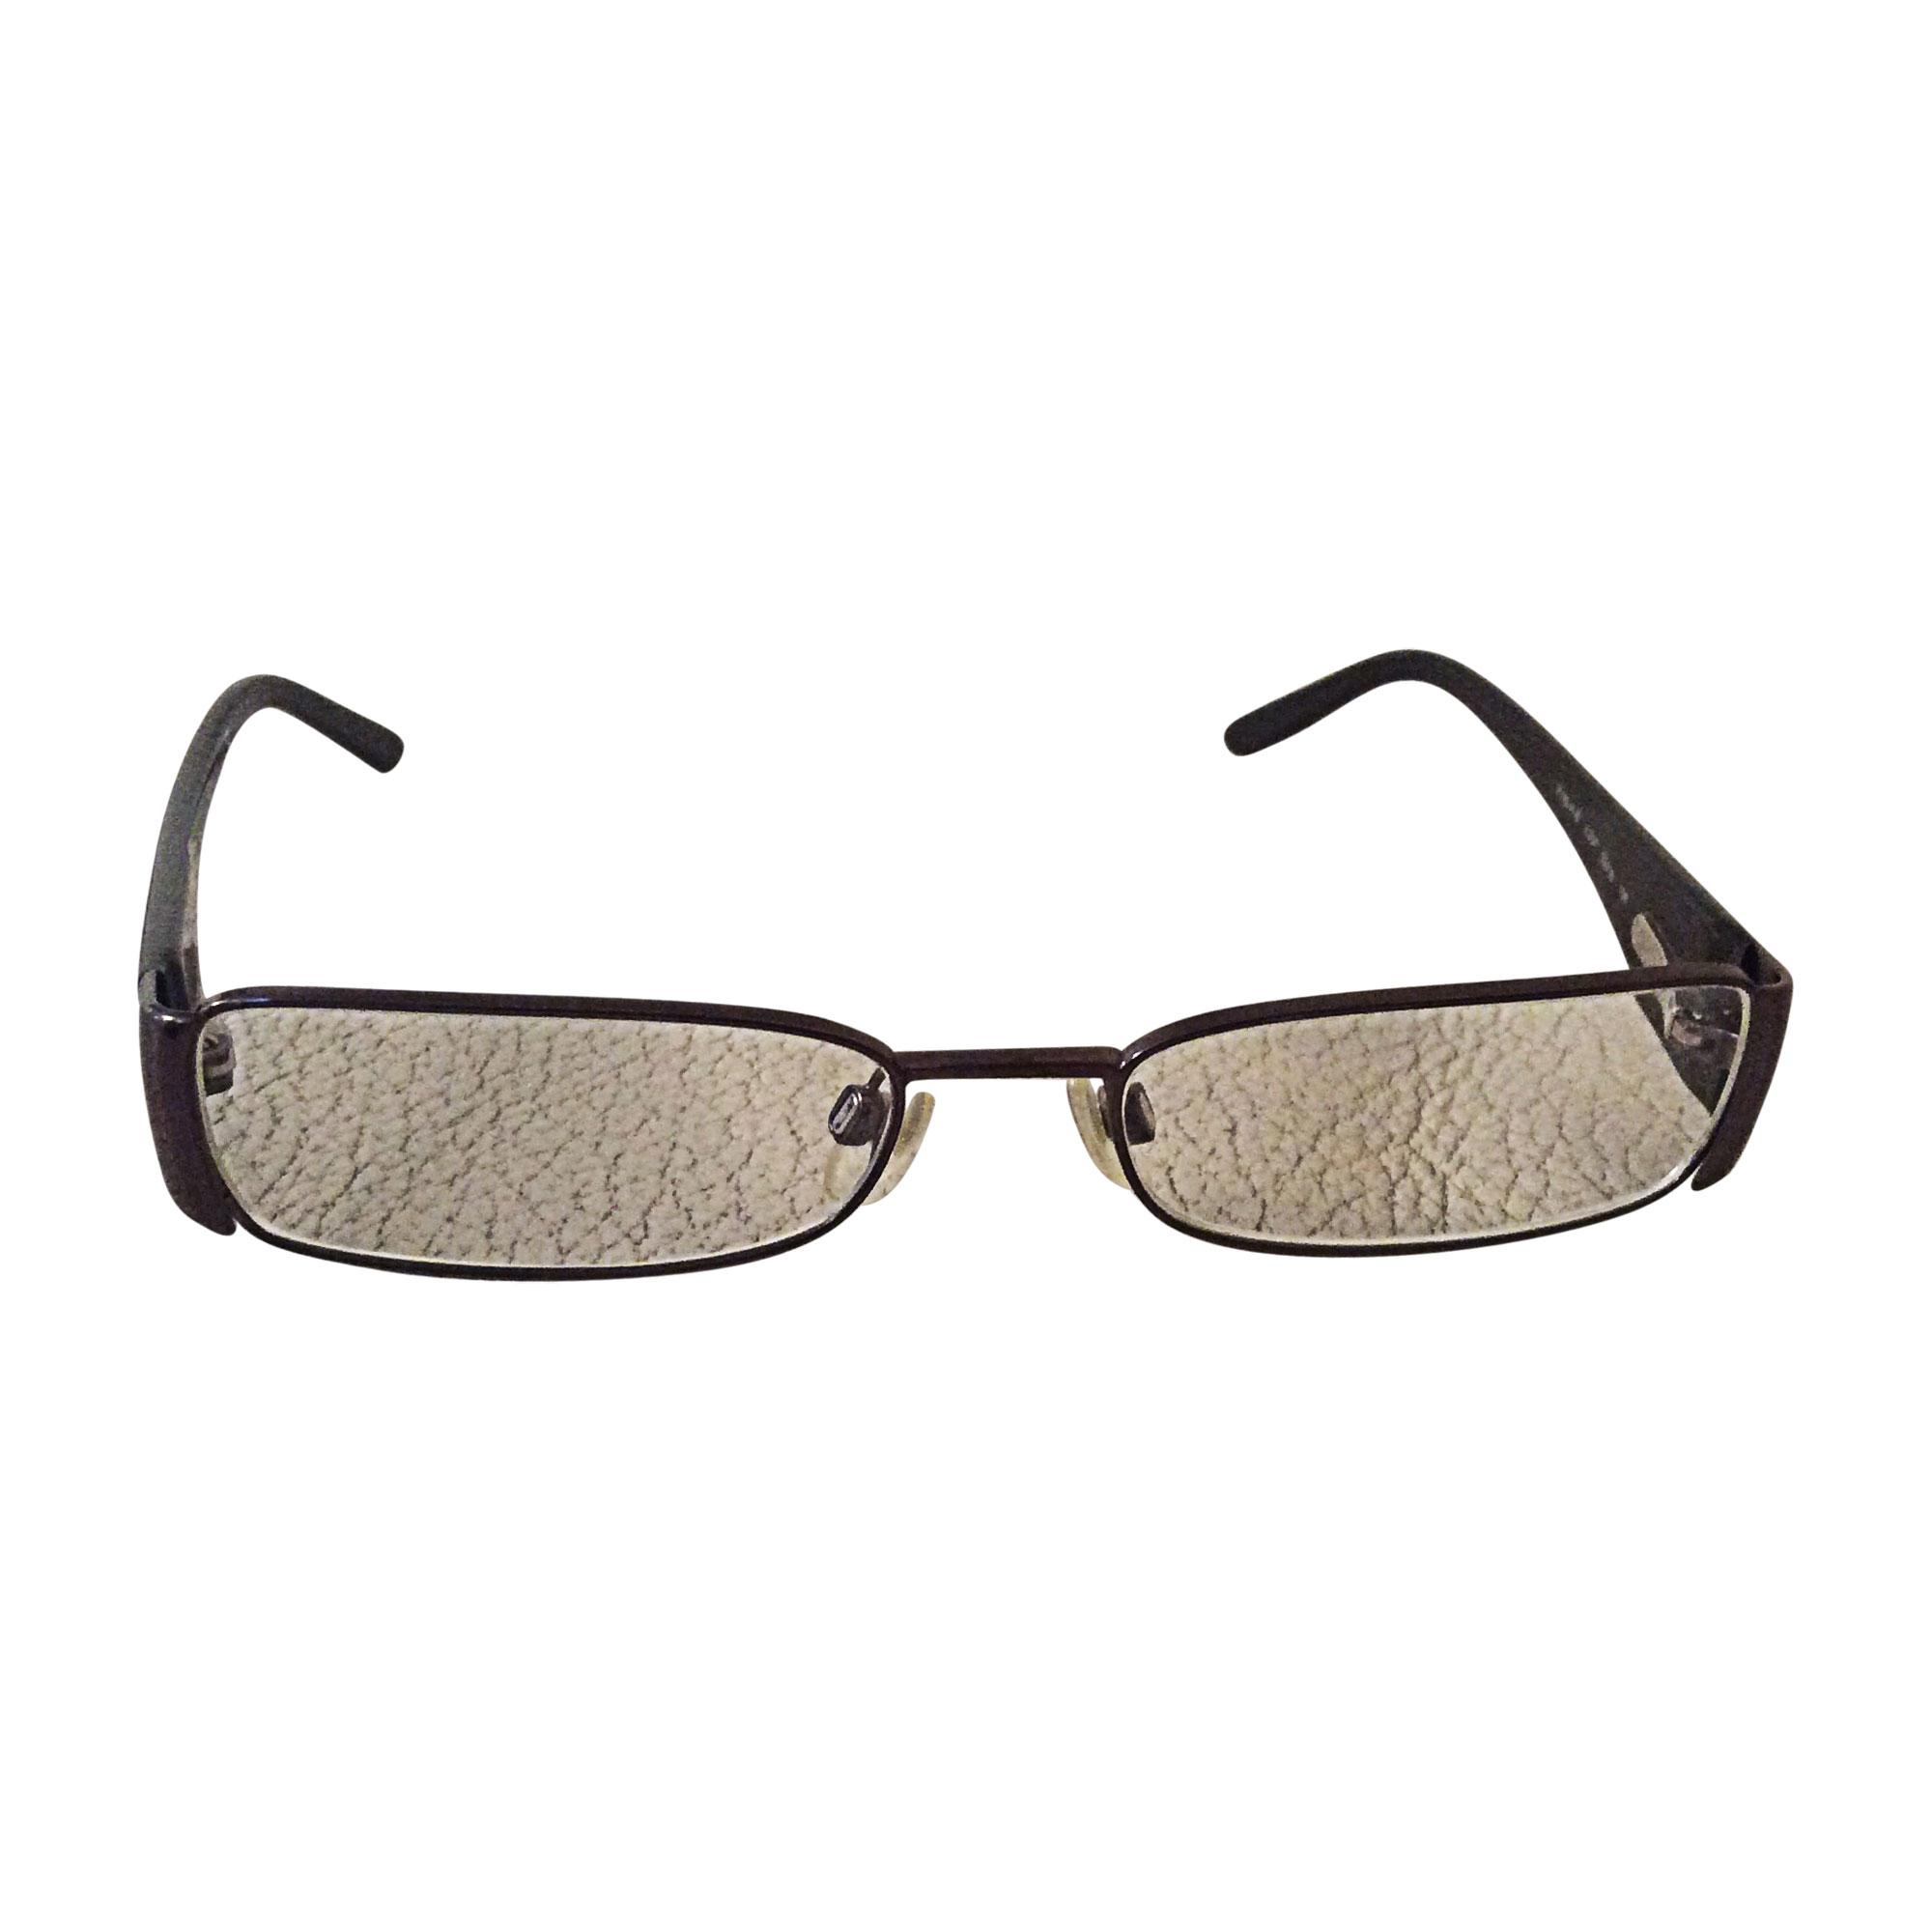 Monture de lunettes CHANEL marron vendu par Nathou60 - 4685142 a9f45fd30824